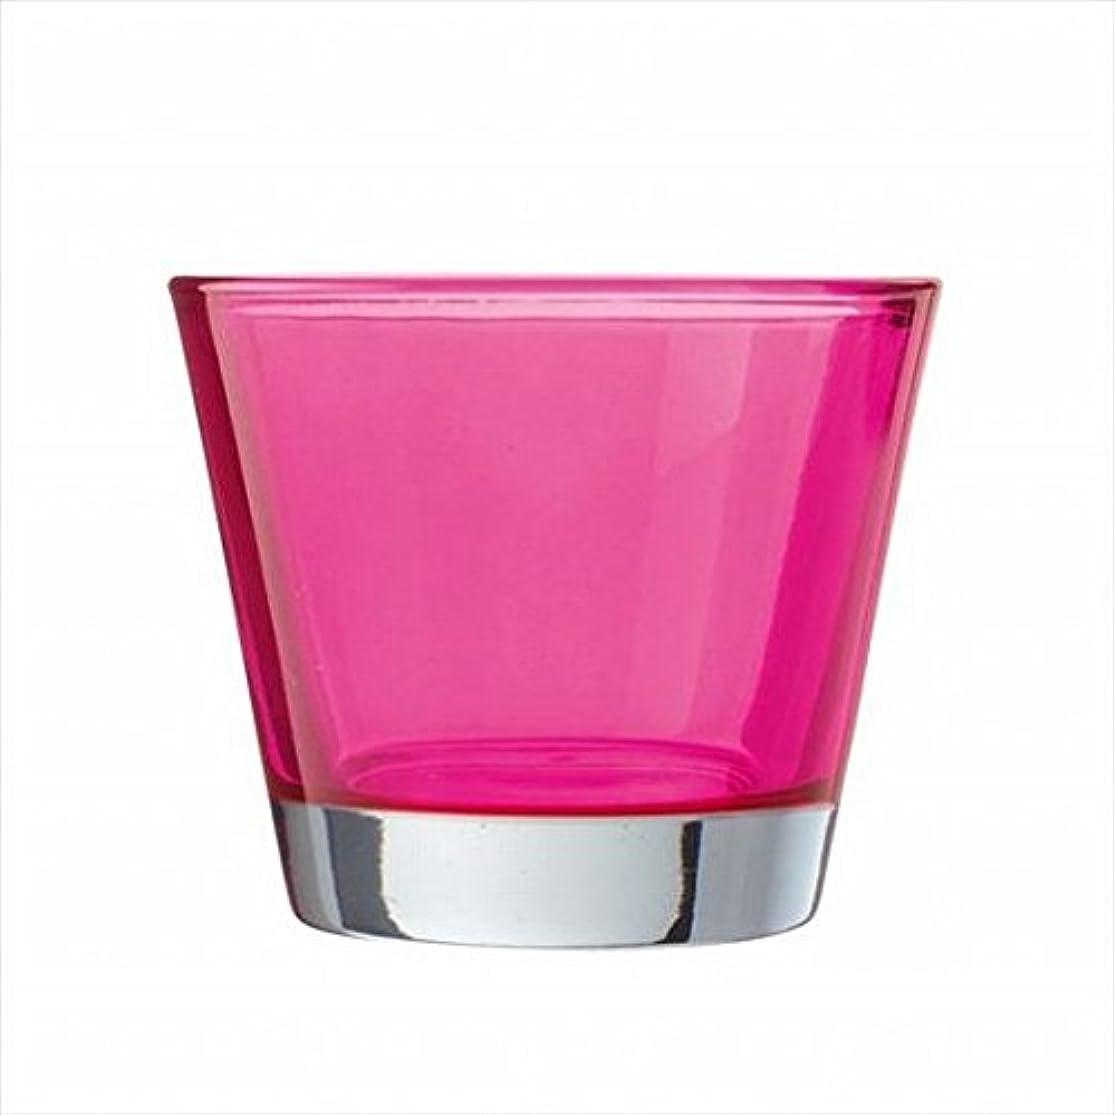 説明的あまりにも不和kameyama candle(カメヤマキャンドル) カラリス 「 ピンク 」 キャンドル 82x82x70mm (J2540000PK)